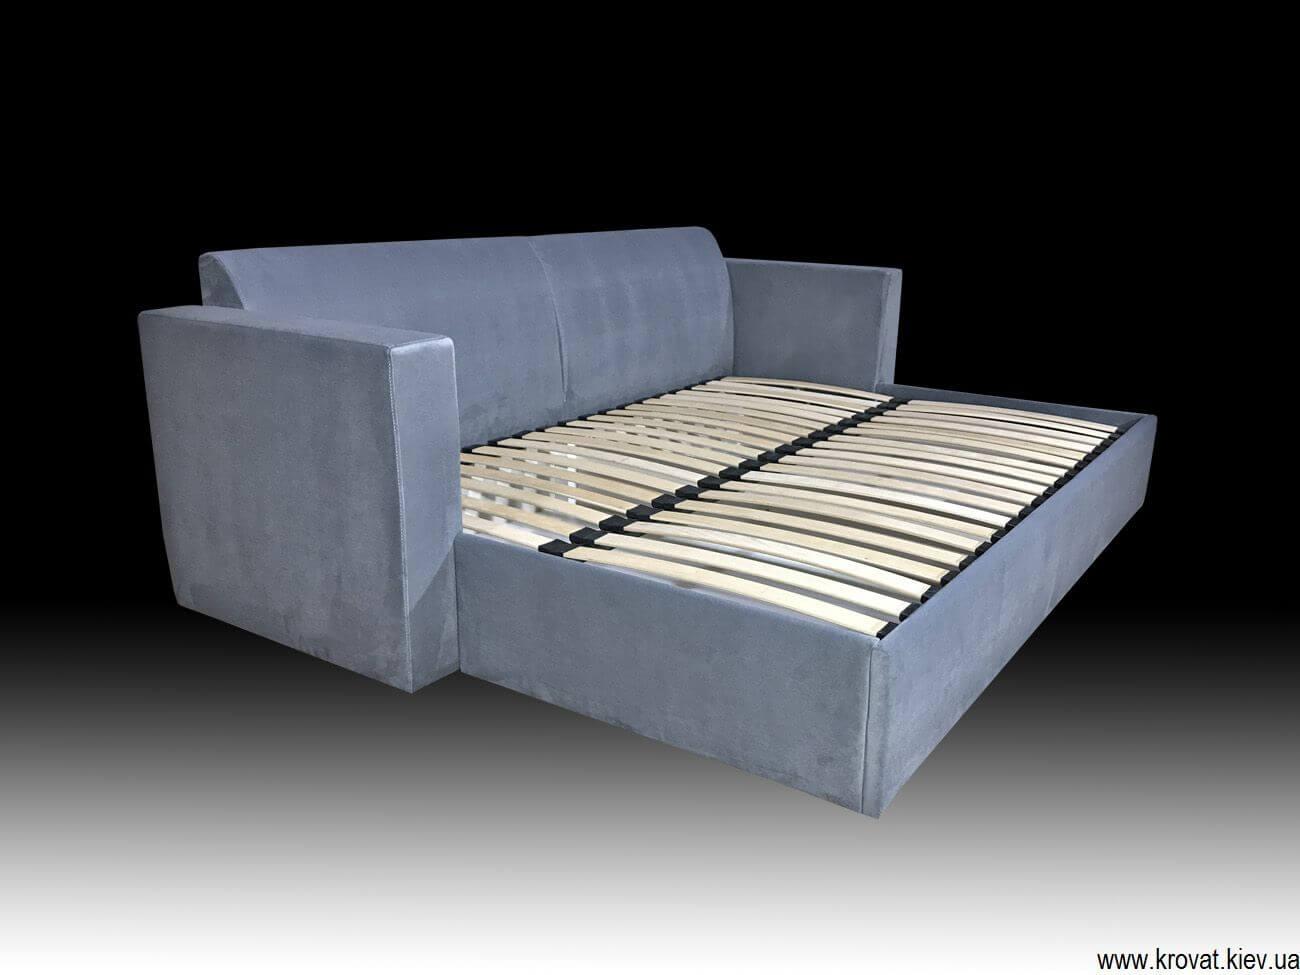 Купить качественный диван в москве от производителя